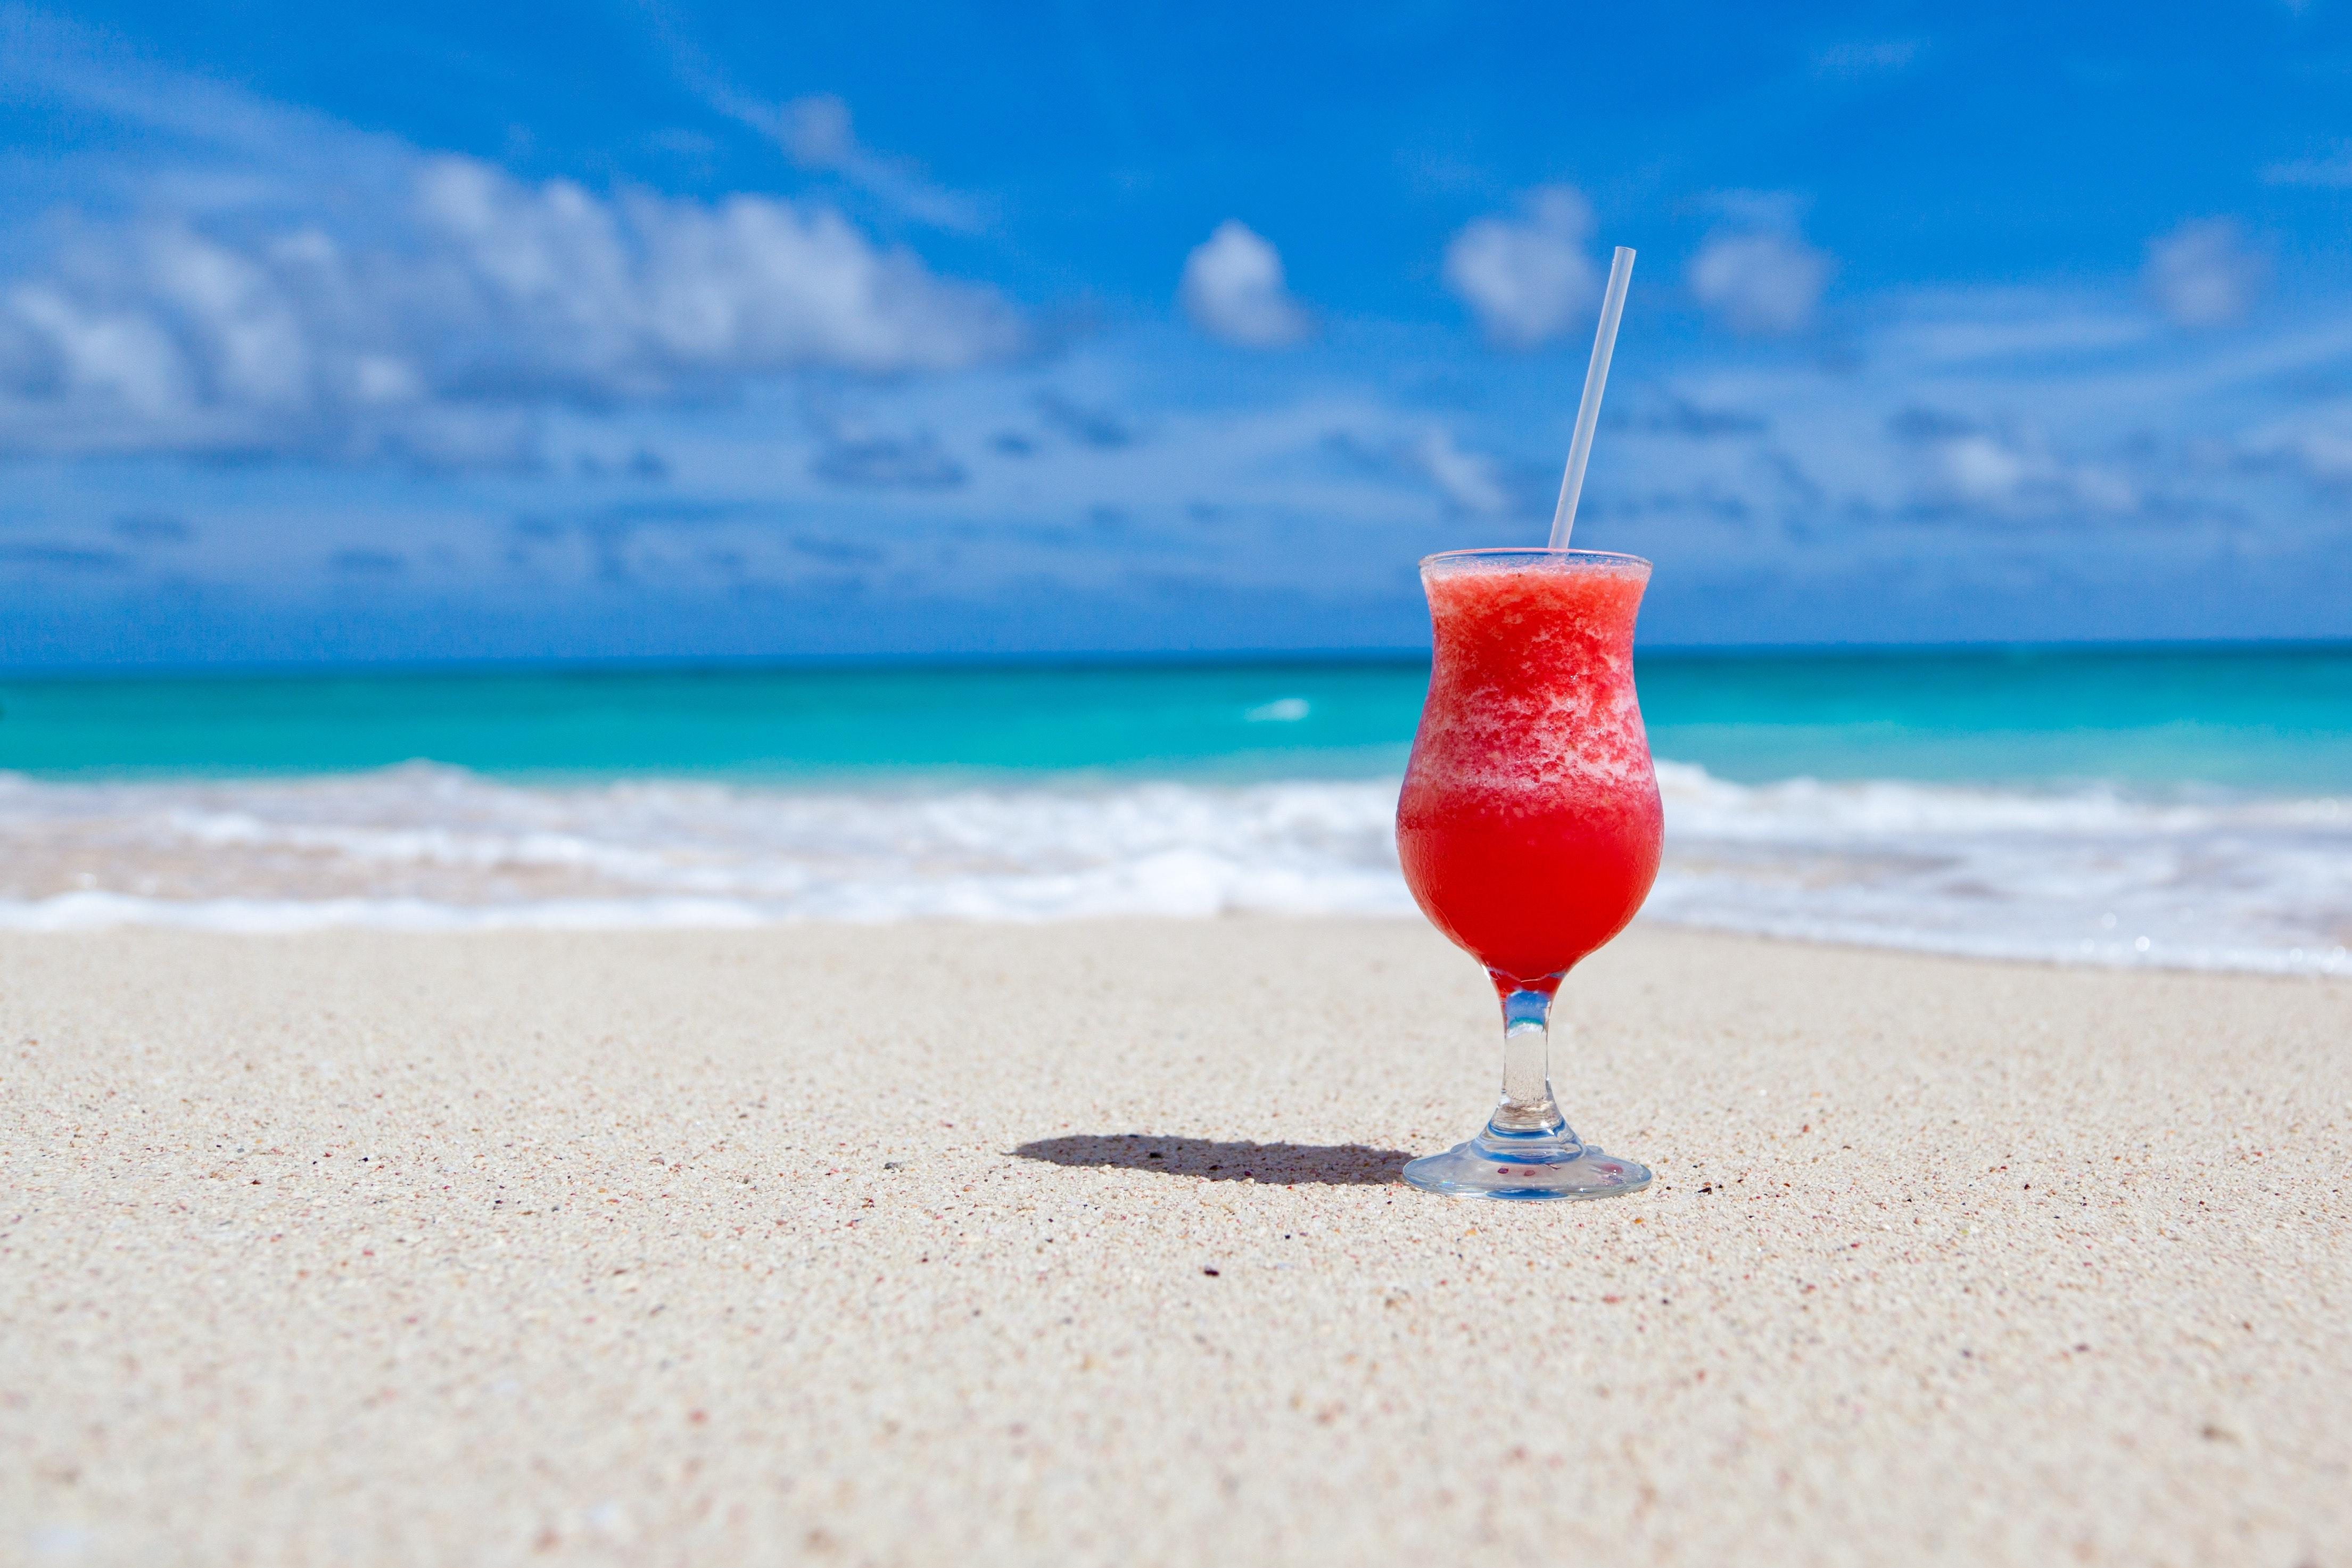 8af64dbb3b3b6 Red Slush Drink in Glass on Beach · Free Stock Photo